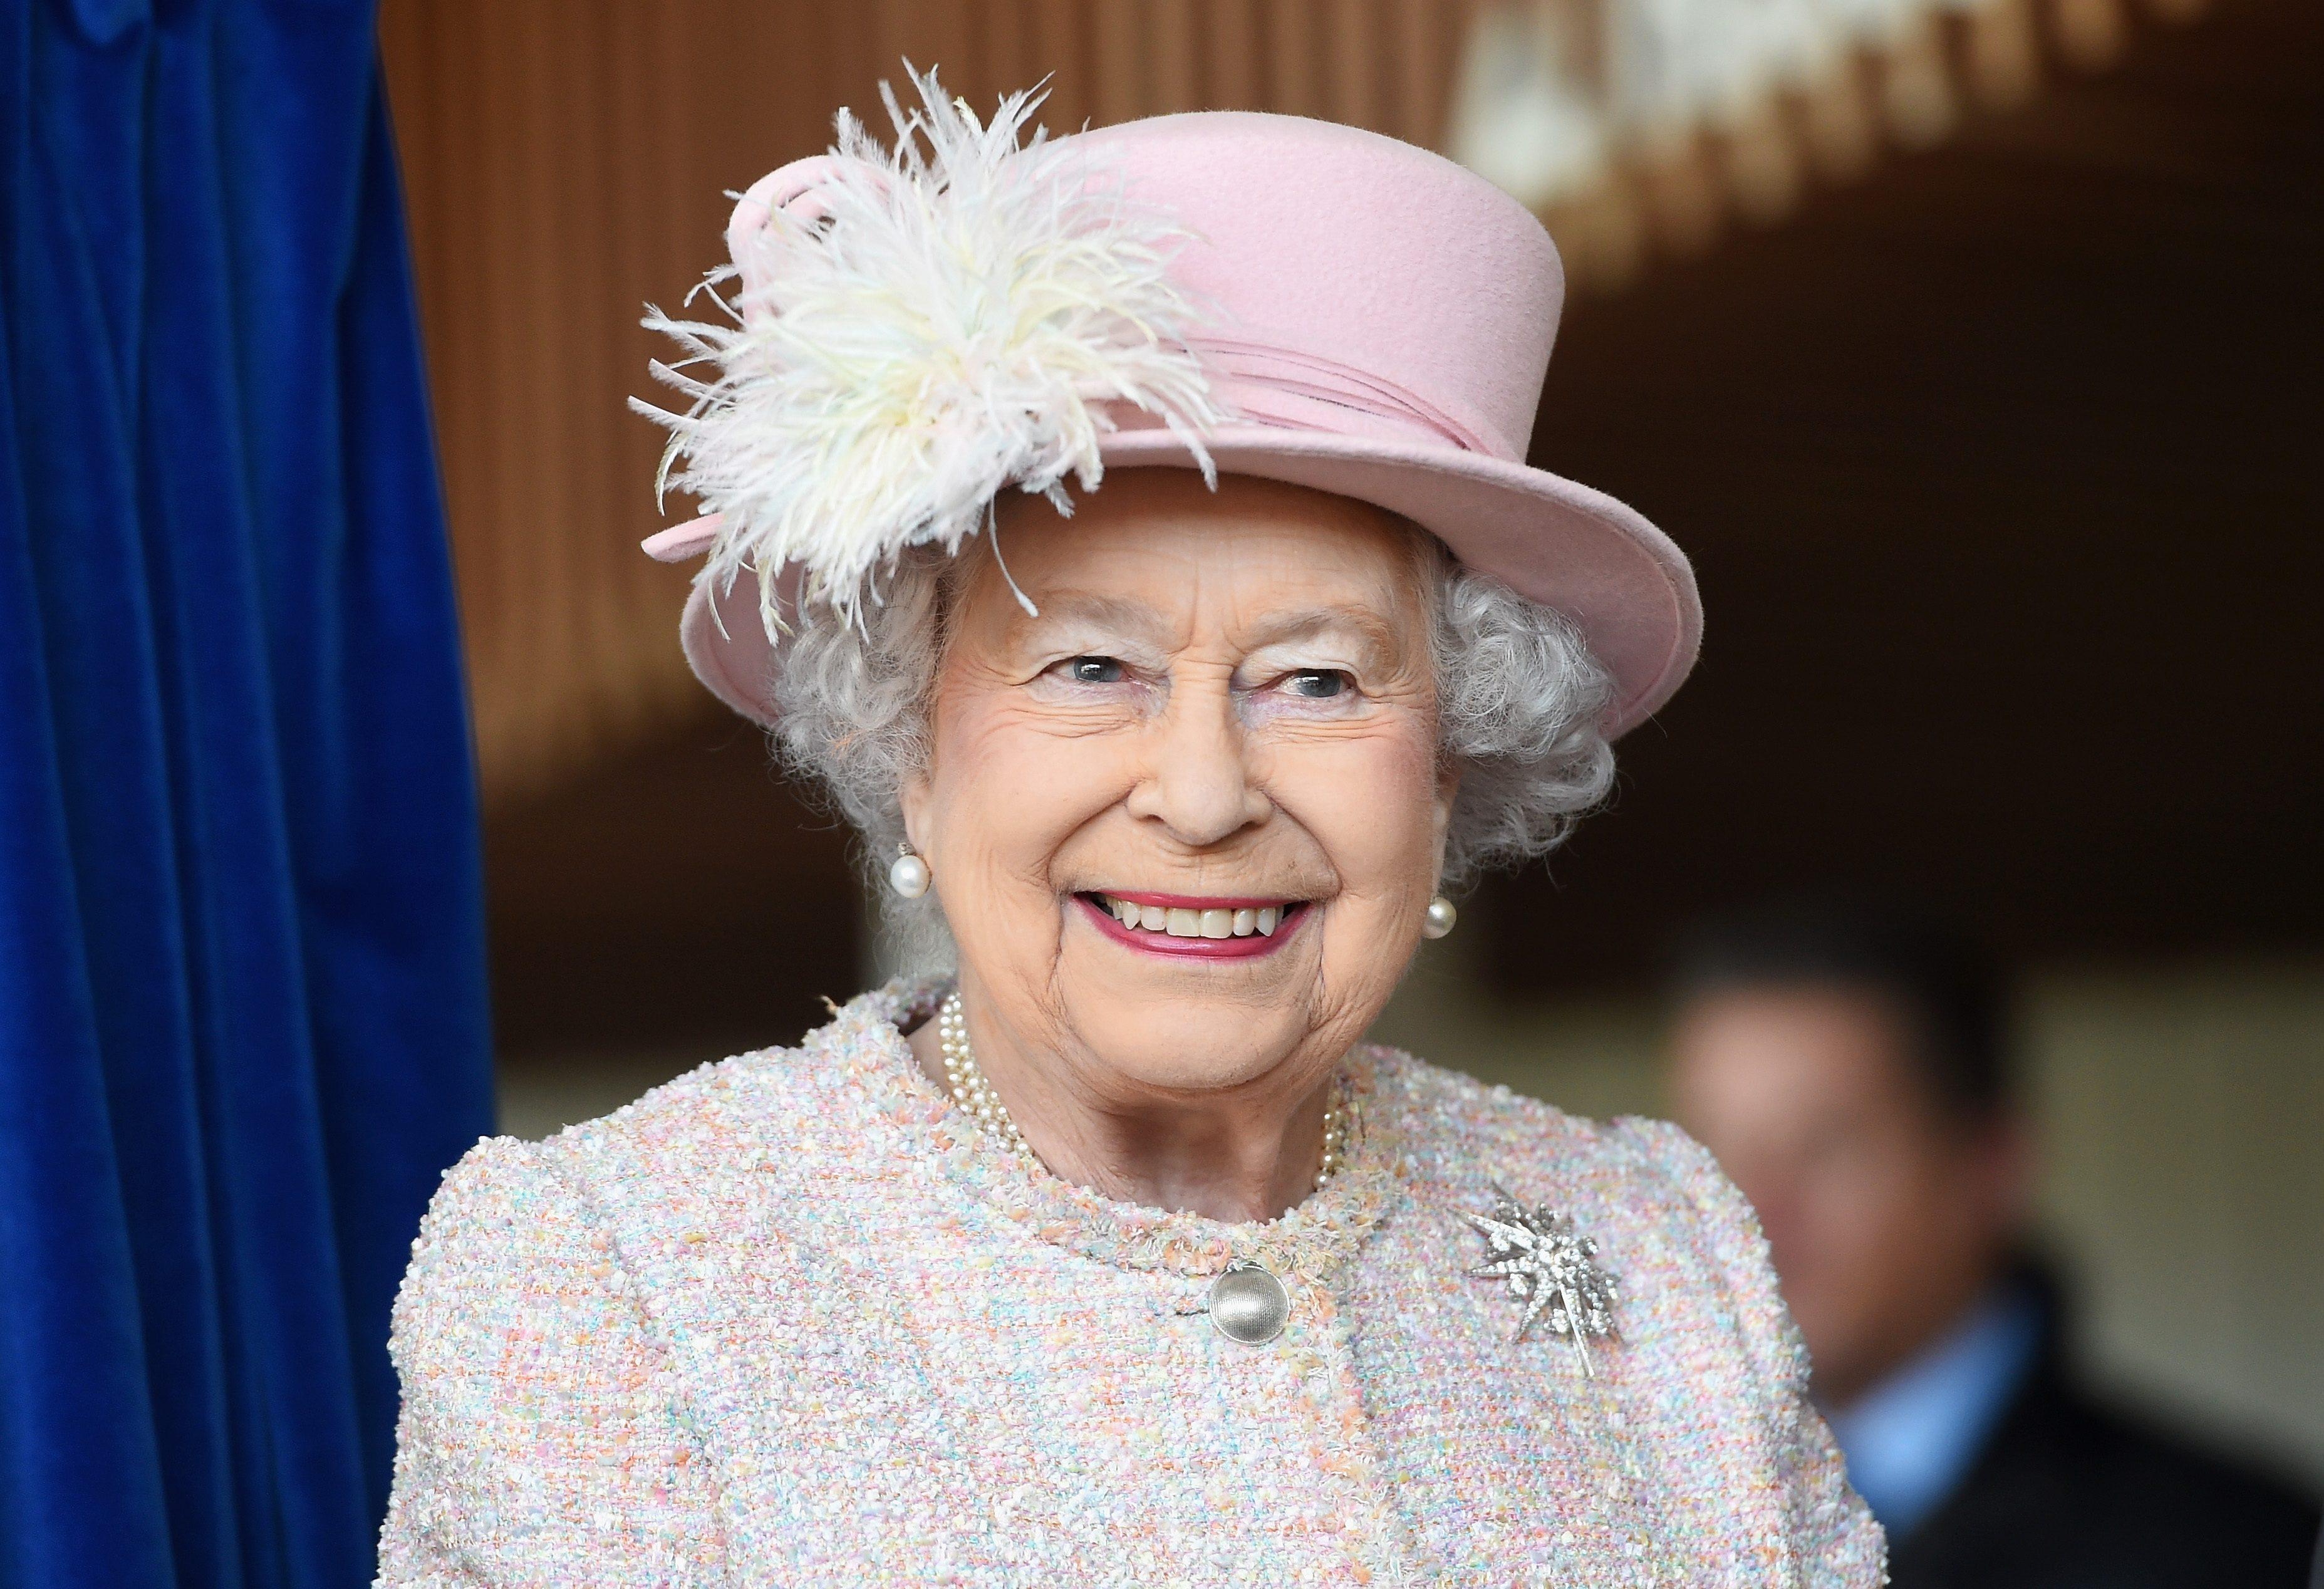 La Regina Elisabetta Ii D Inghilterra Un Modello Da Seguire Anche A 93 Anni Ohga